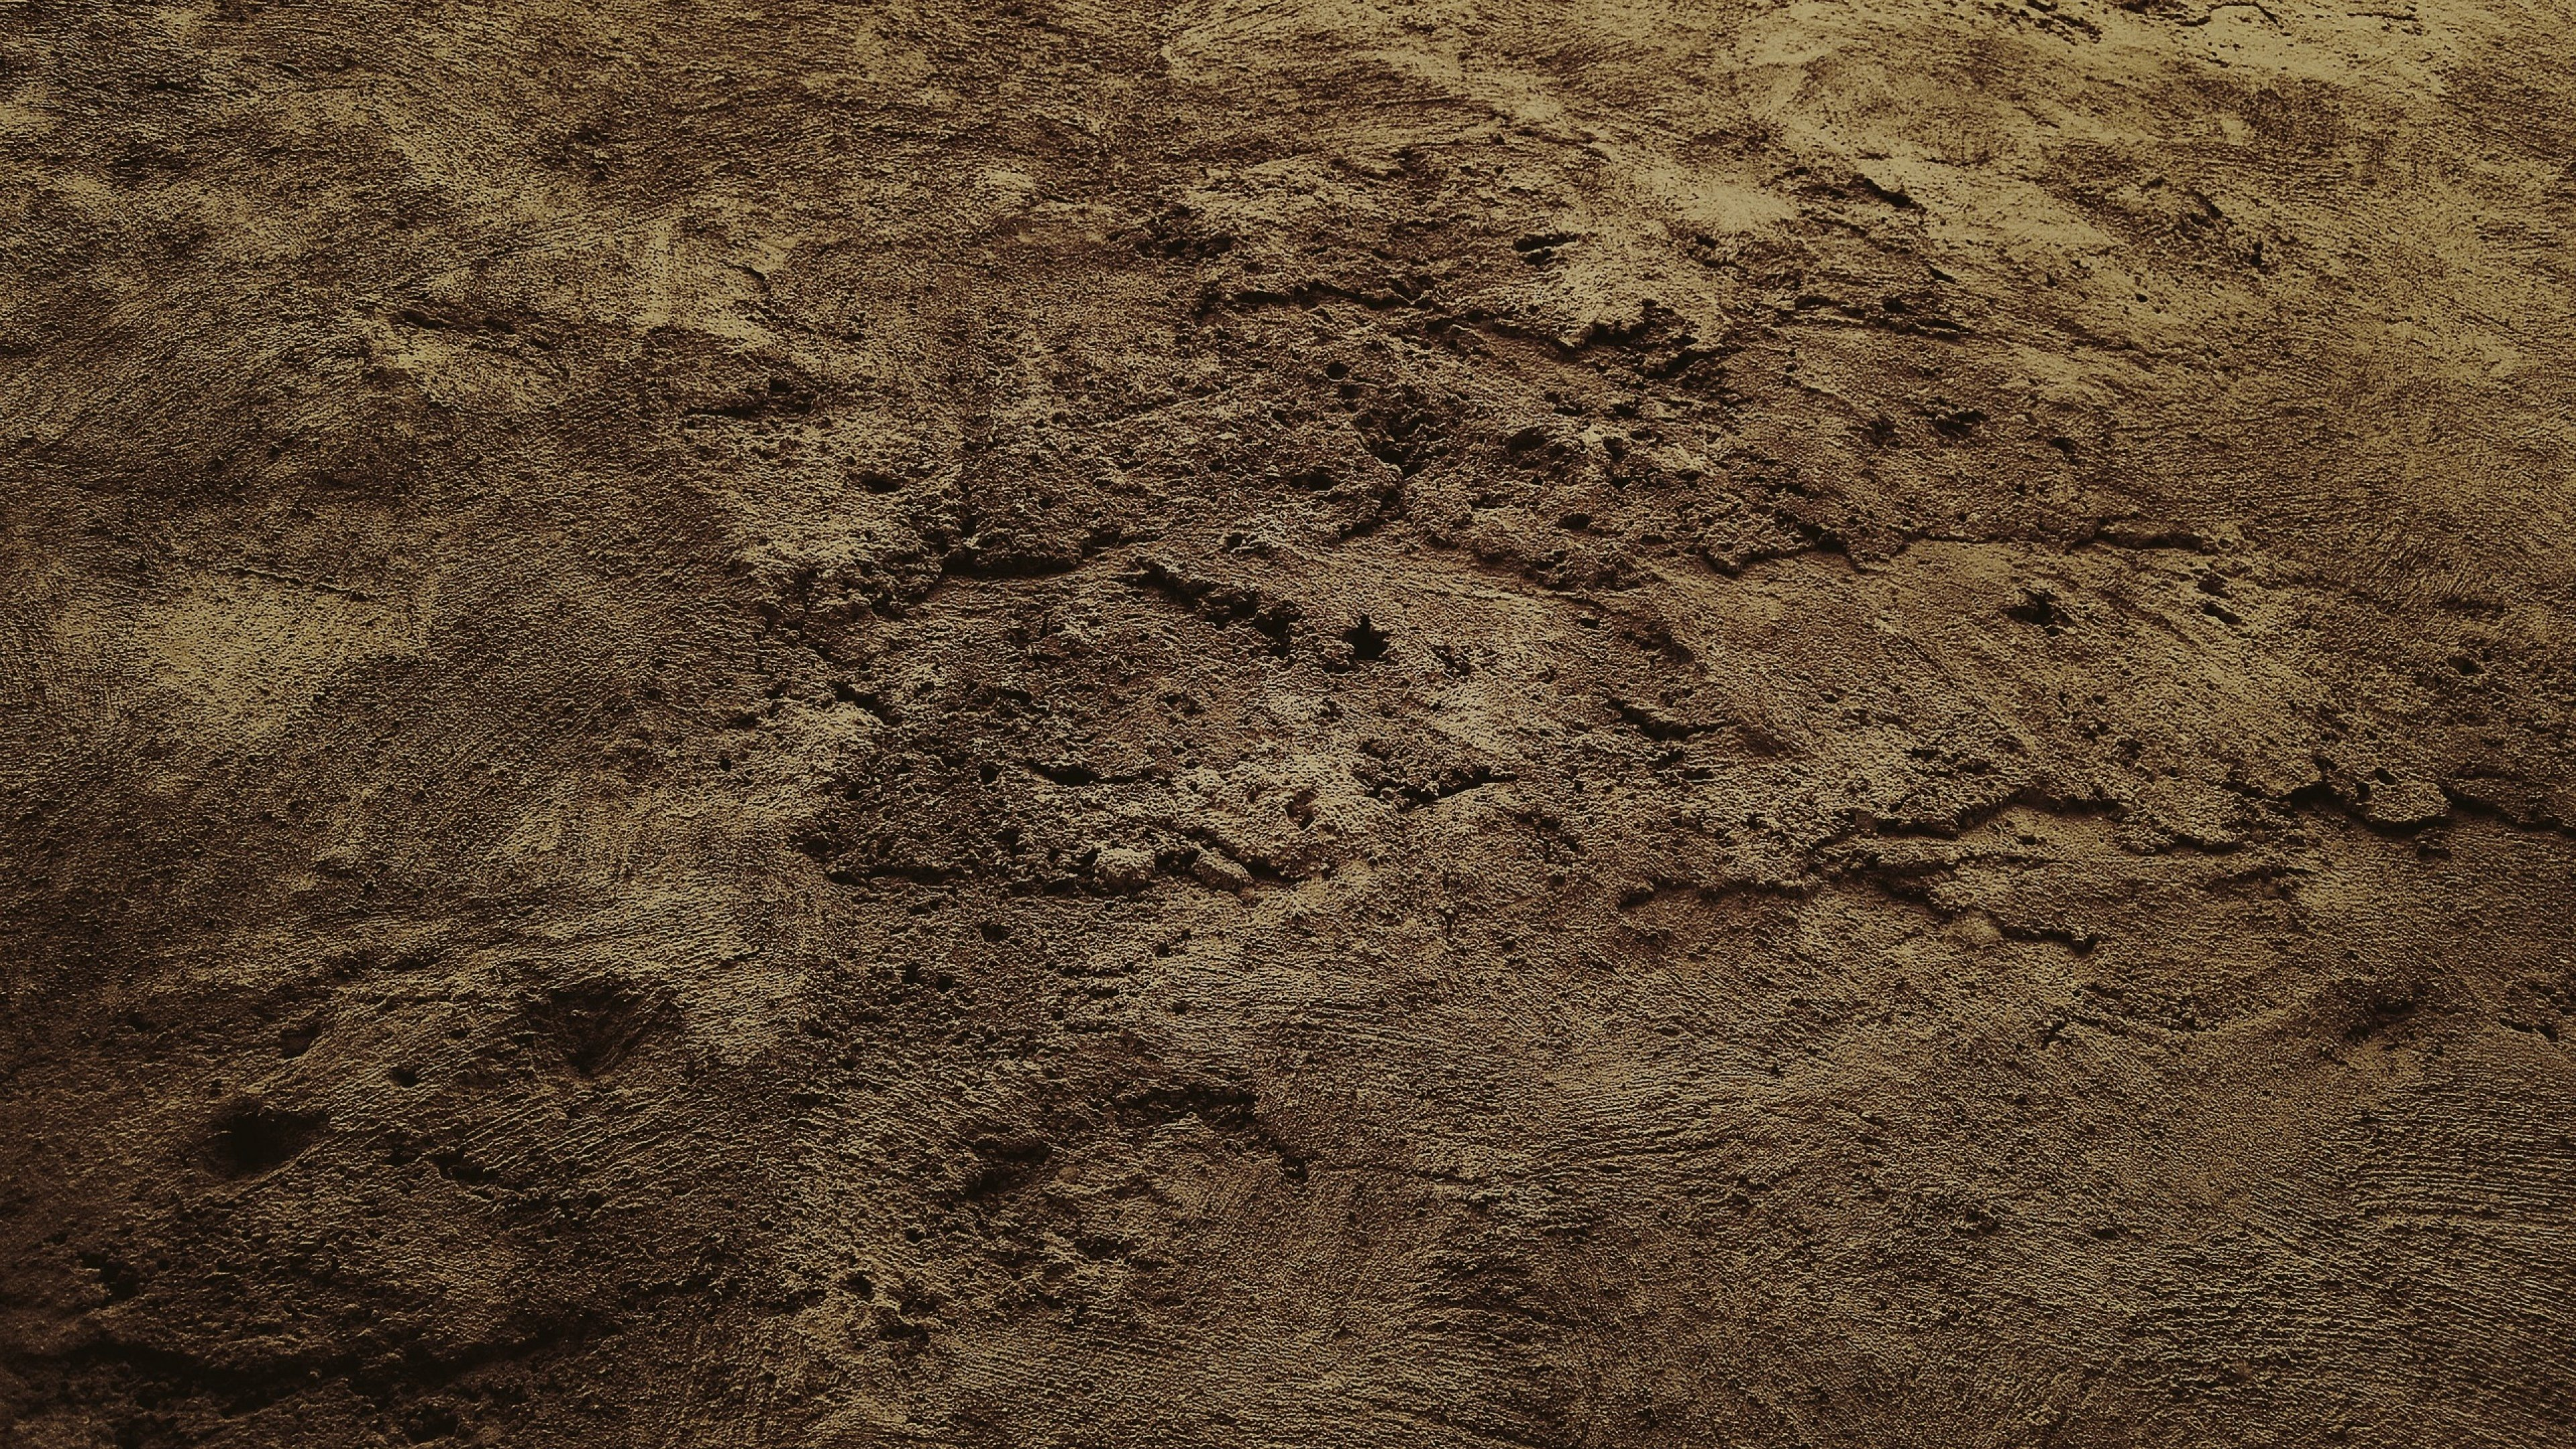 Texture Soil Sand Dirt Dark Wallpaper Background 4K Ultra HD 3840x2160